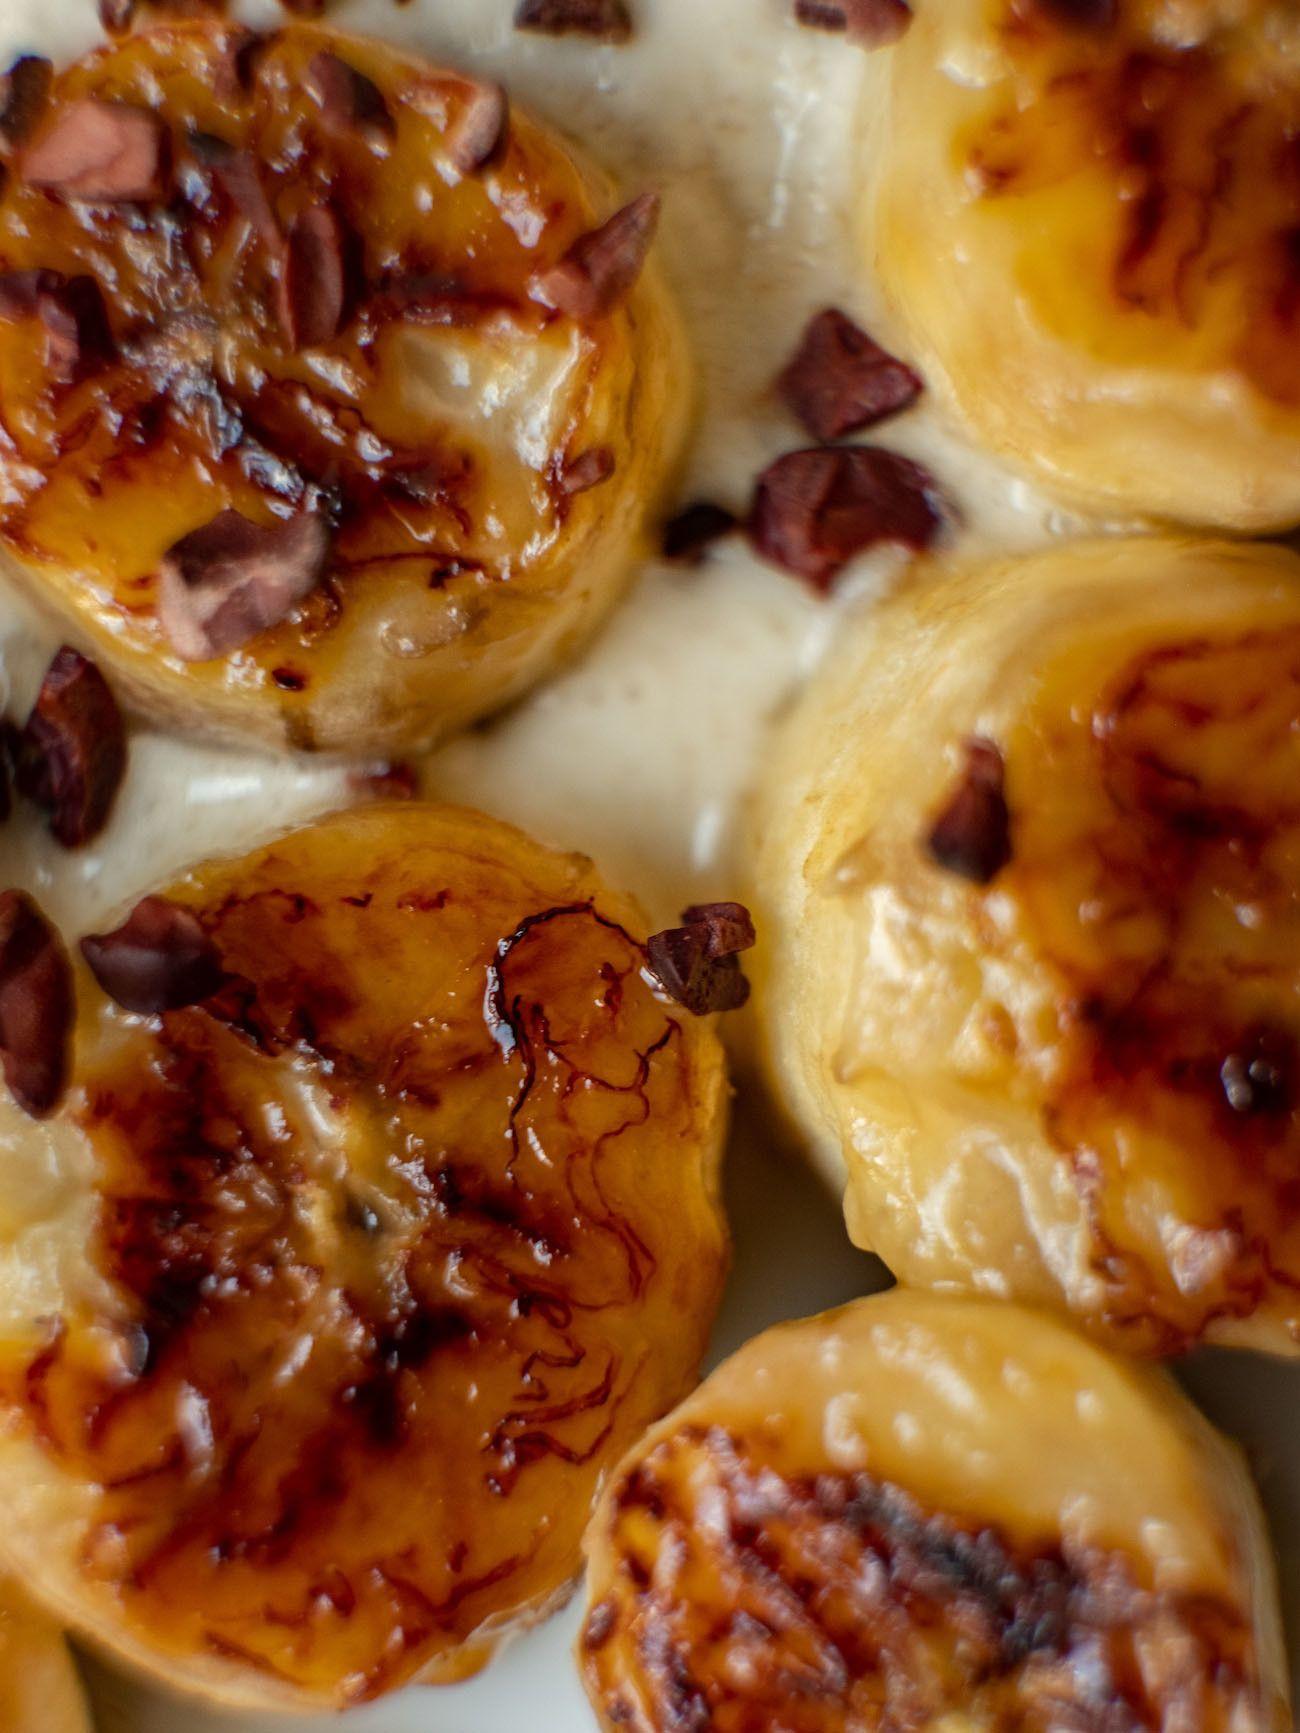 Foodblog, About Fuel, Rezept, Rum Bananen Dessert mit Hasenüssen und Schokoladen-Karamell, Gebratene Banane, Kakao Nibs